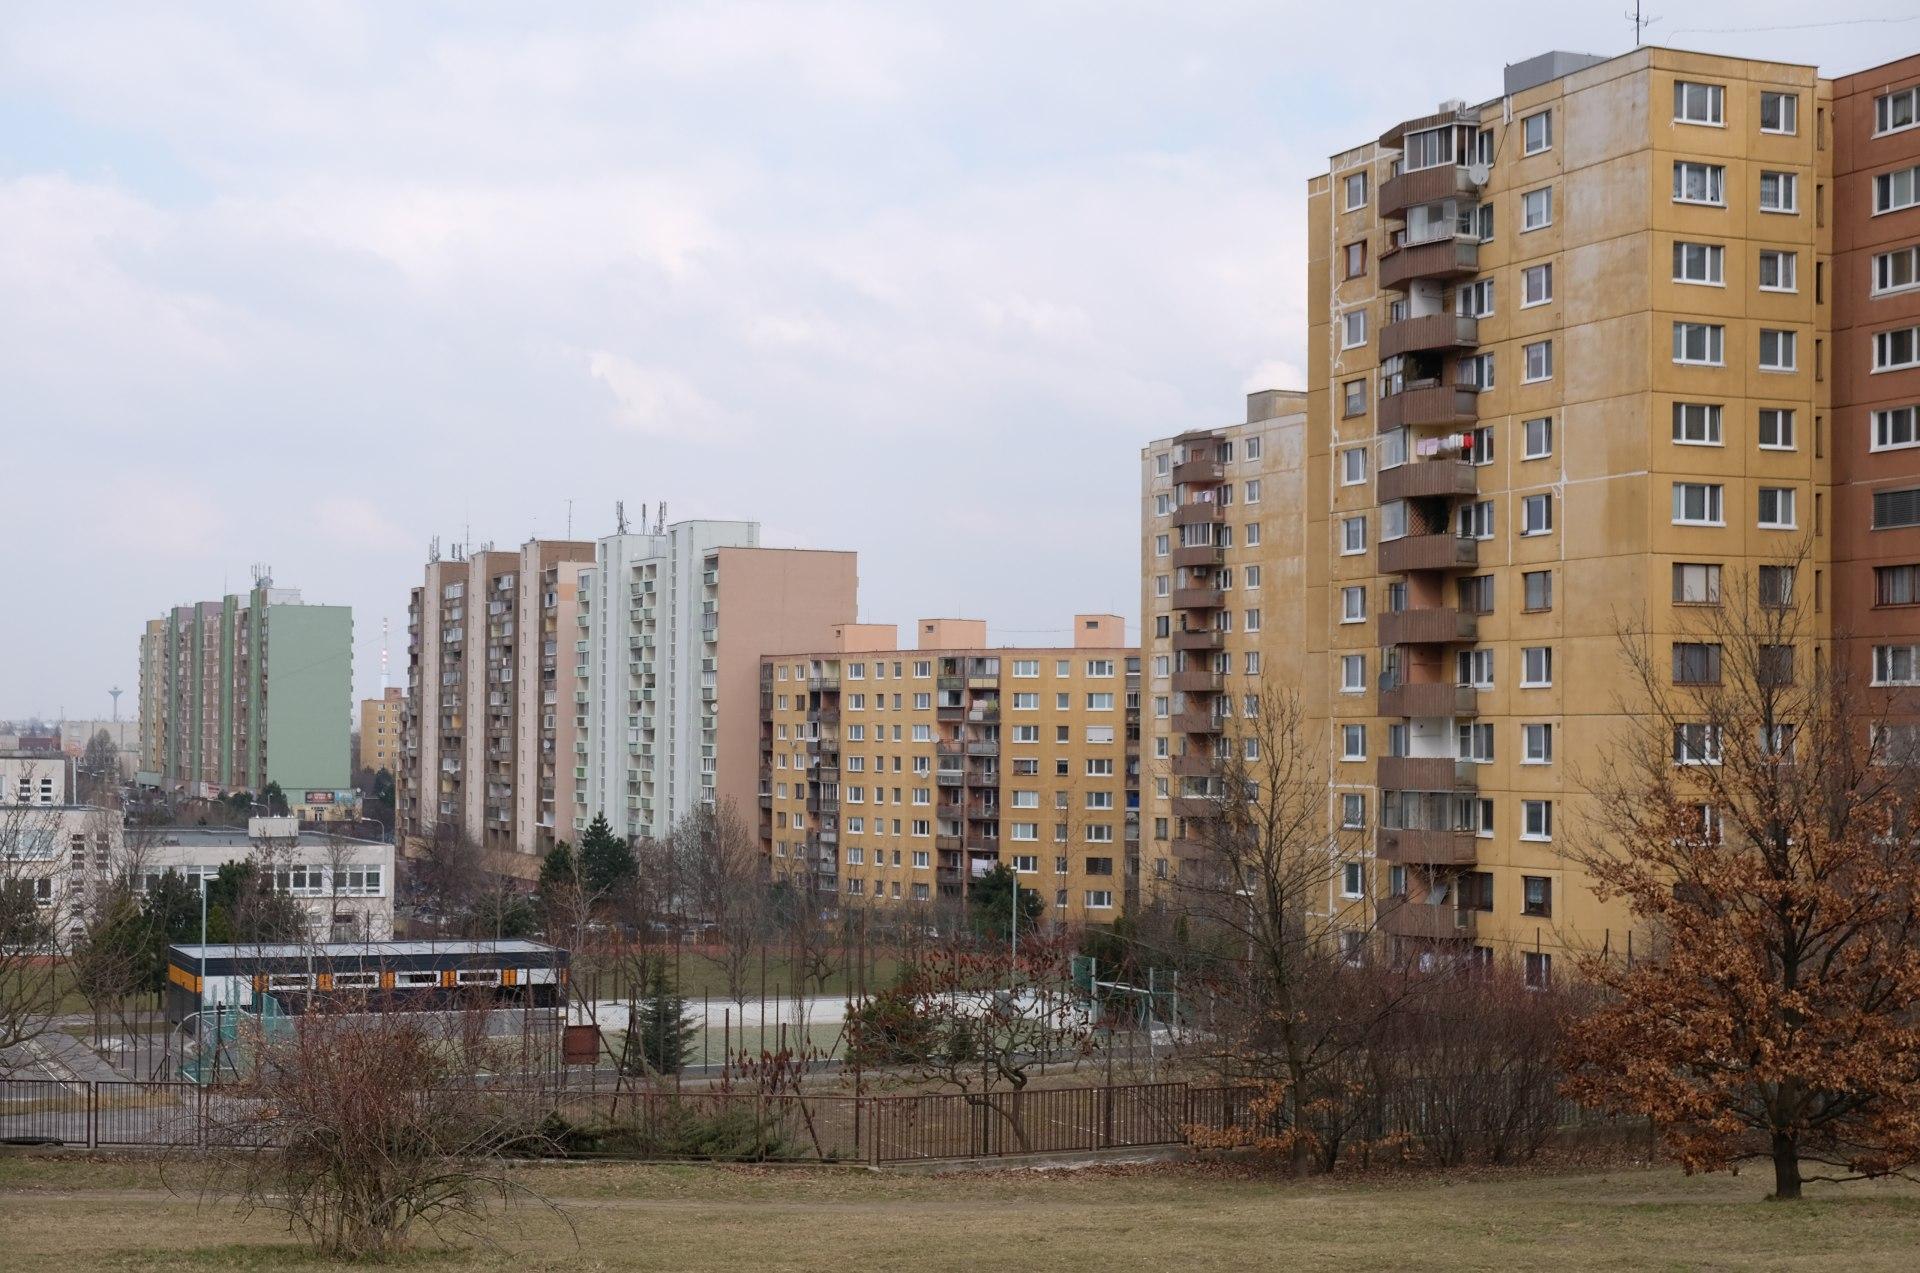 Mehrstöckige Wohnhäuser